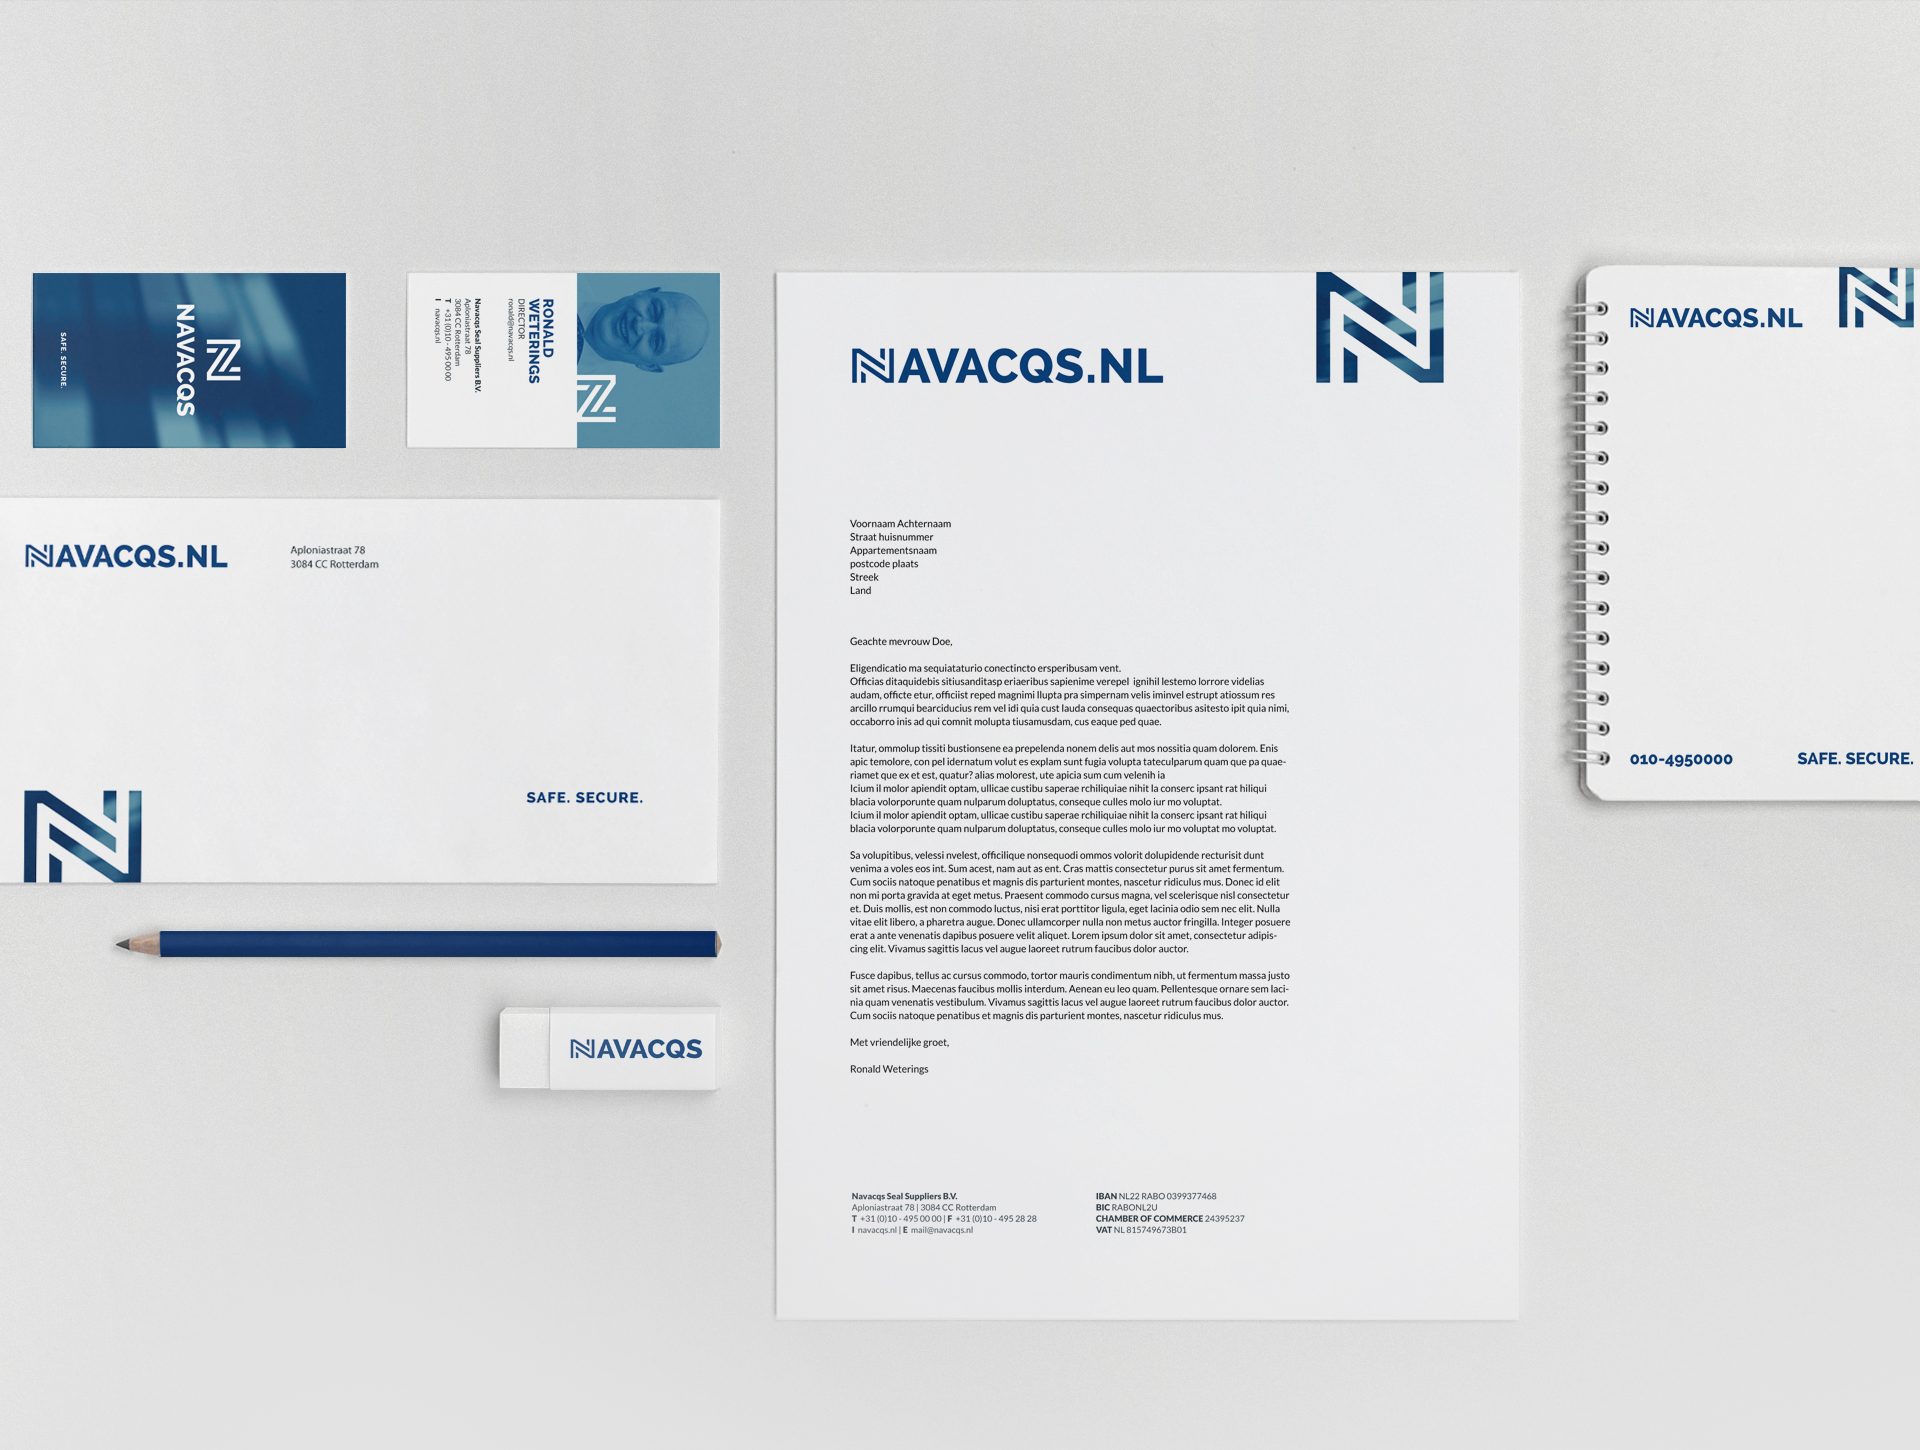 Navacqs-4